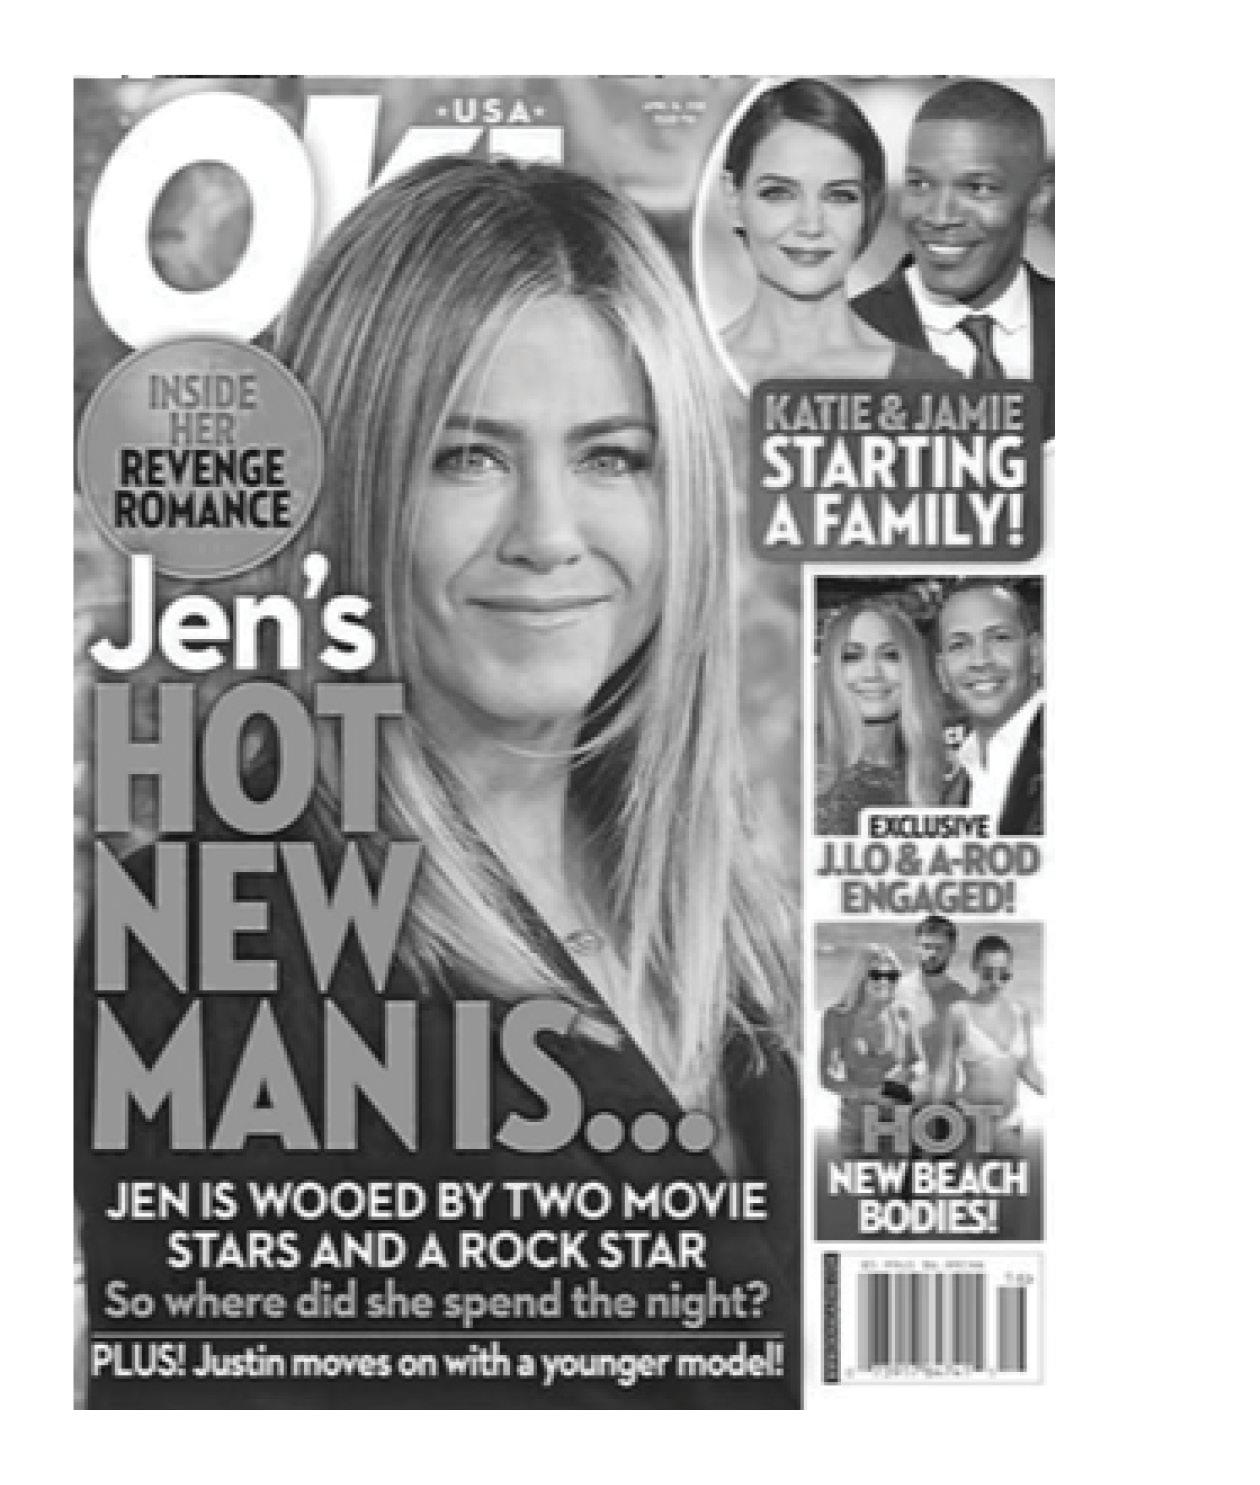 KK_Press_Magazine_cover4.jpg